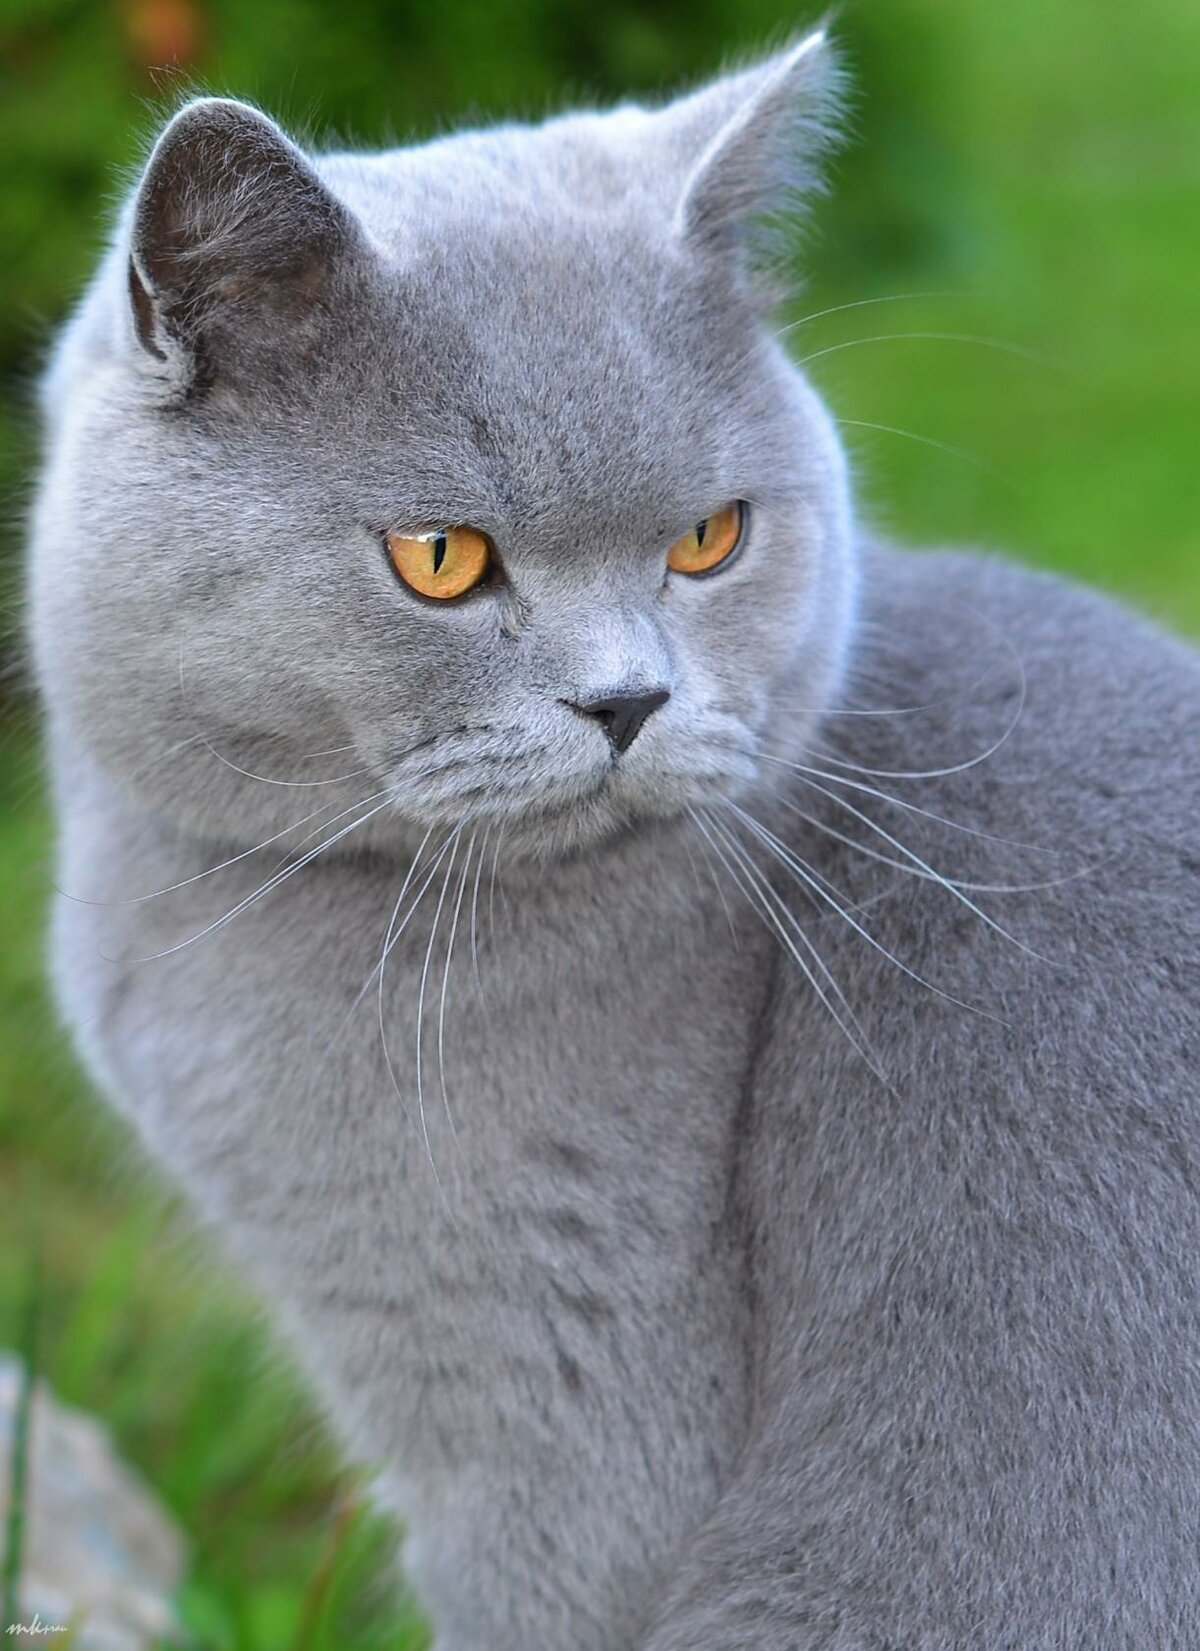 породы все картинки британских кошек той технике делают